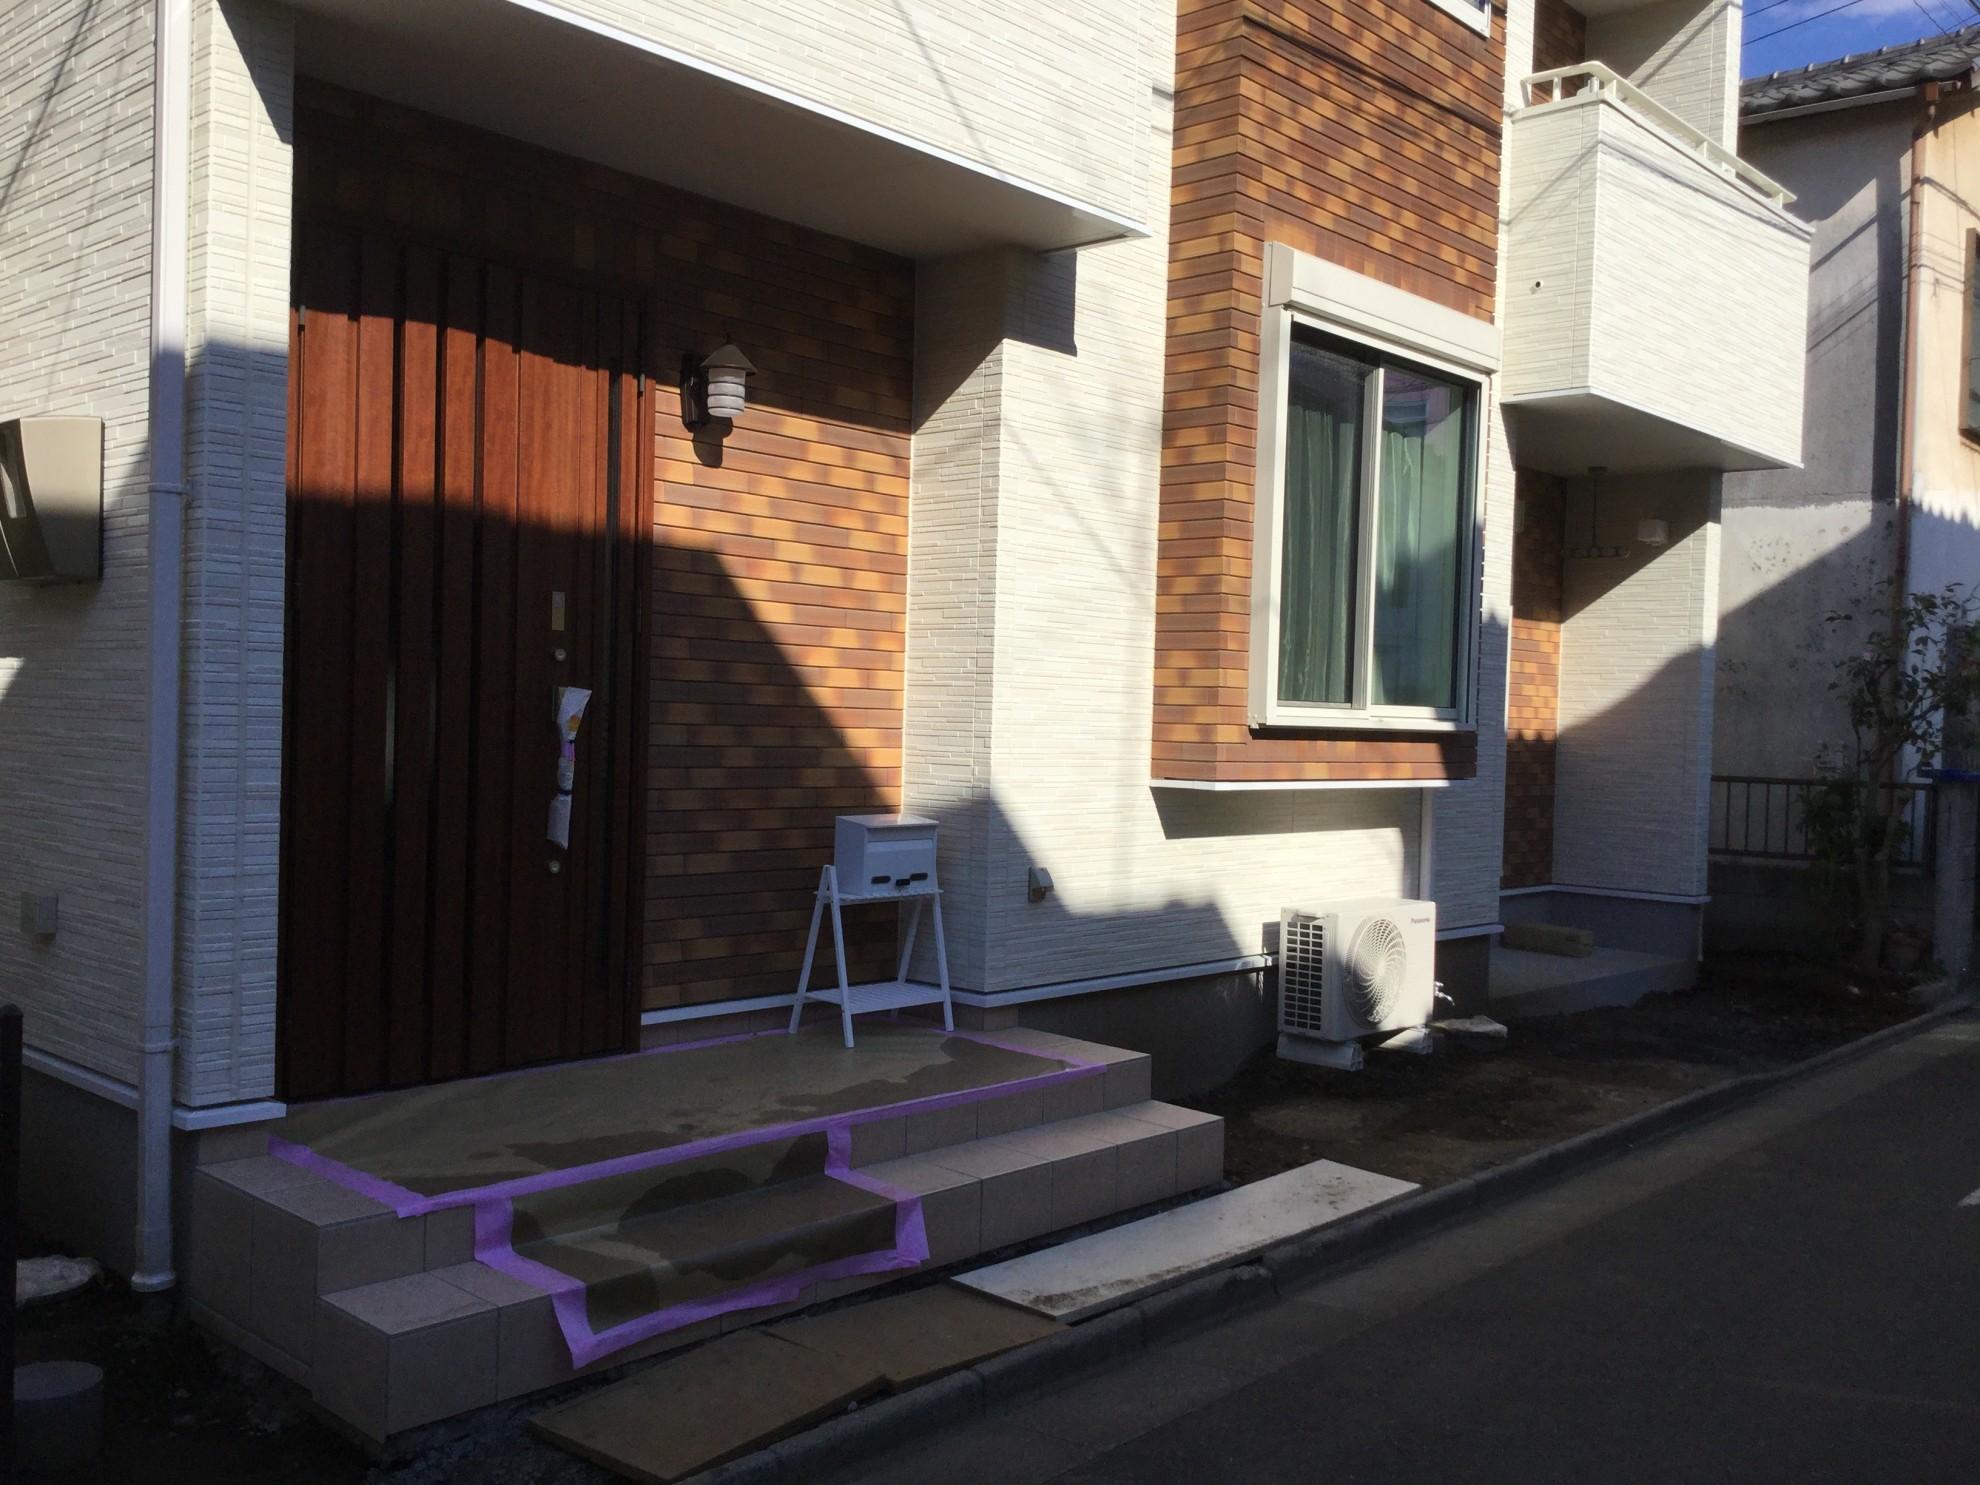 版築塀とアイアン屋根の門柱の庭 埼玉県(三芳町)-2